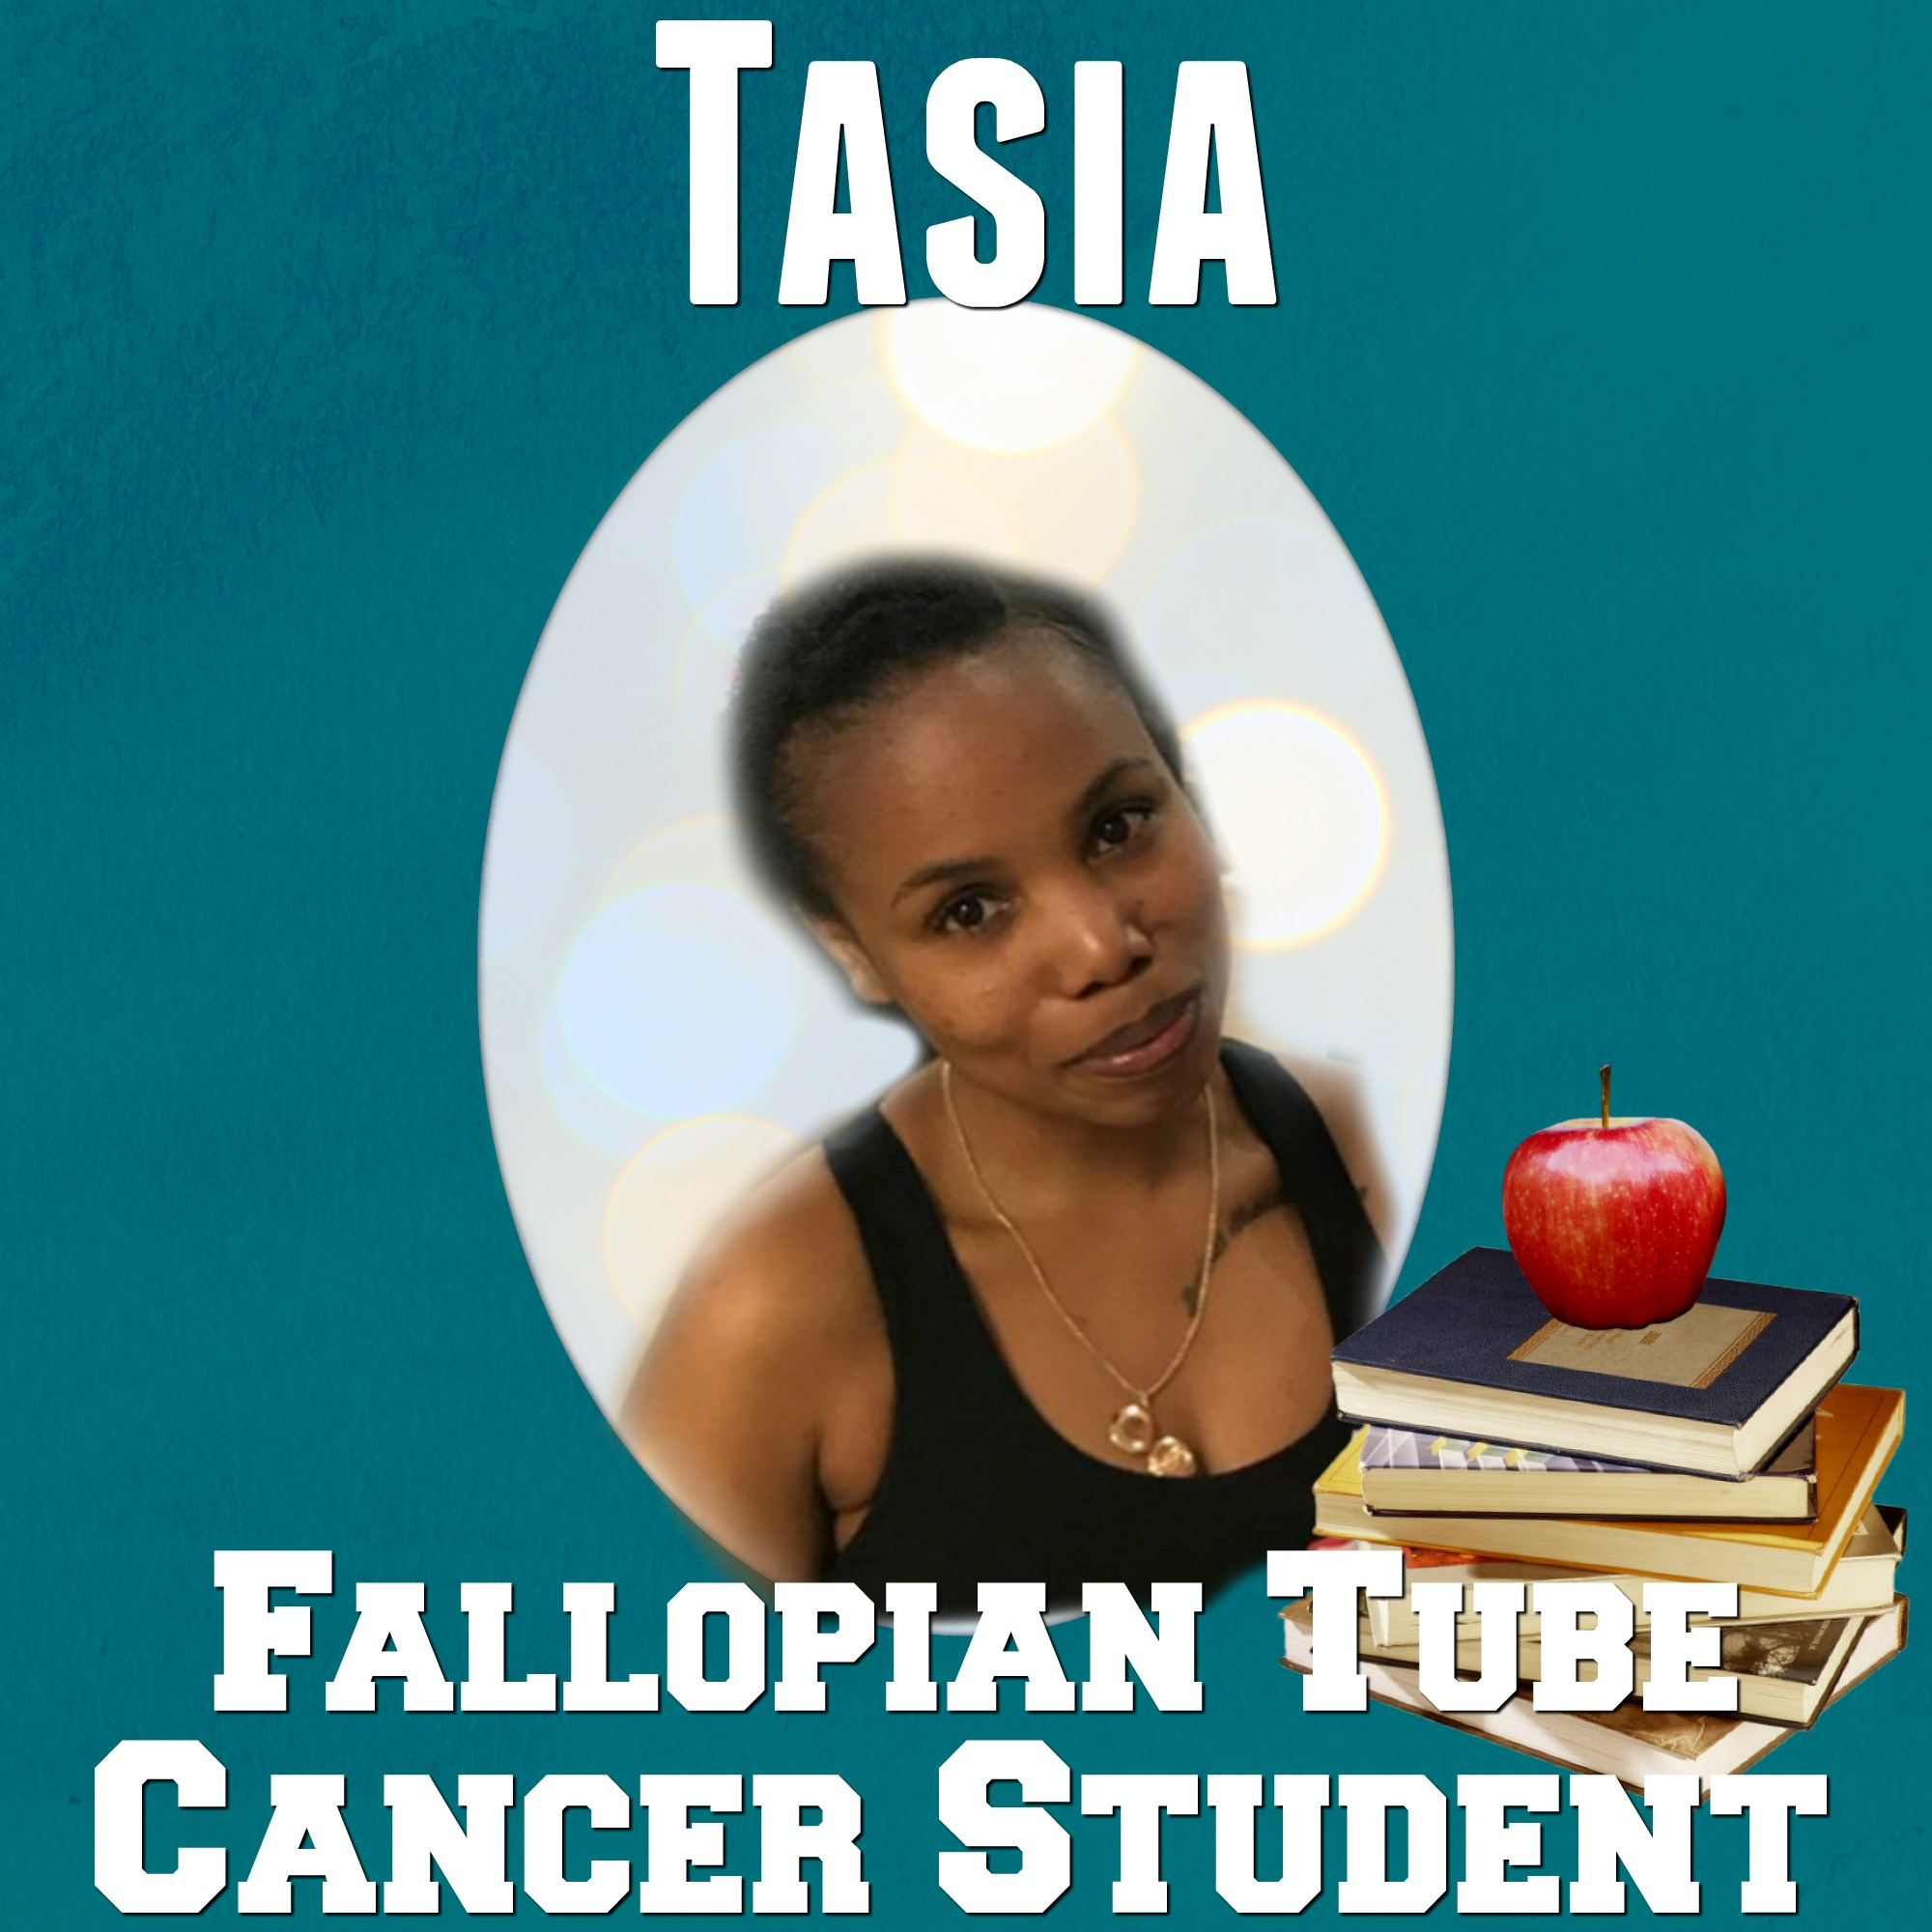 Tasia Cancer Student.jpg